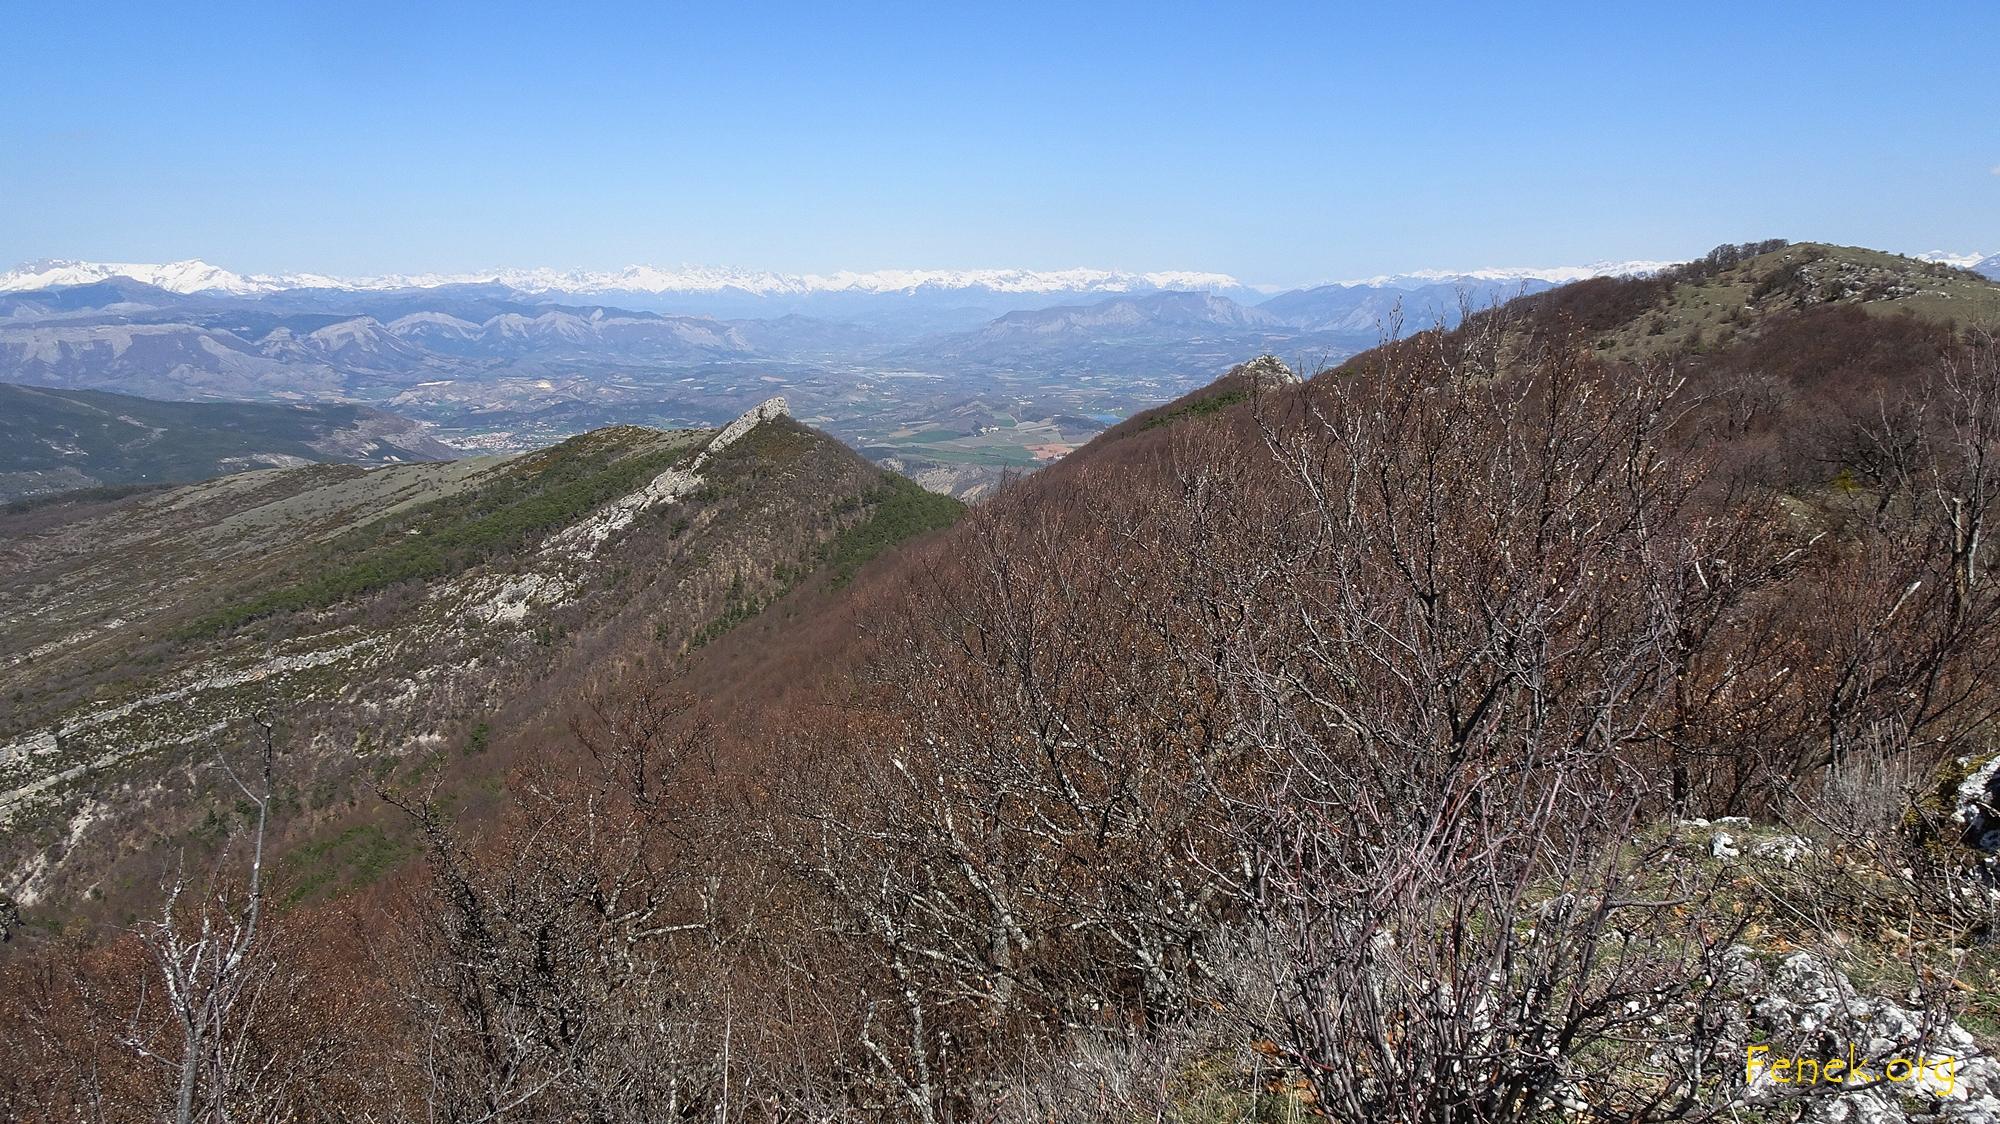 Rückblich auf die beiden Gipfel